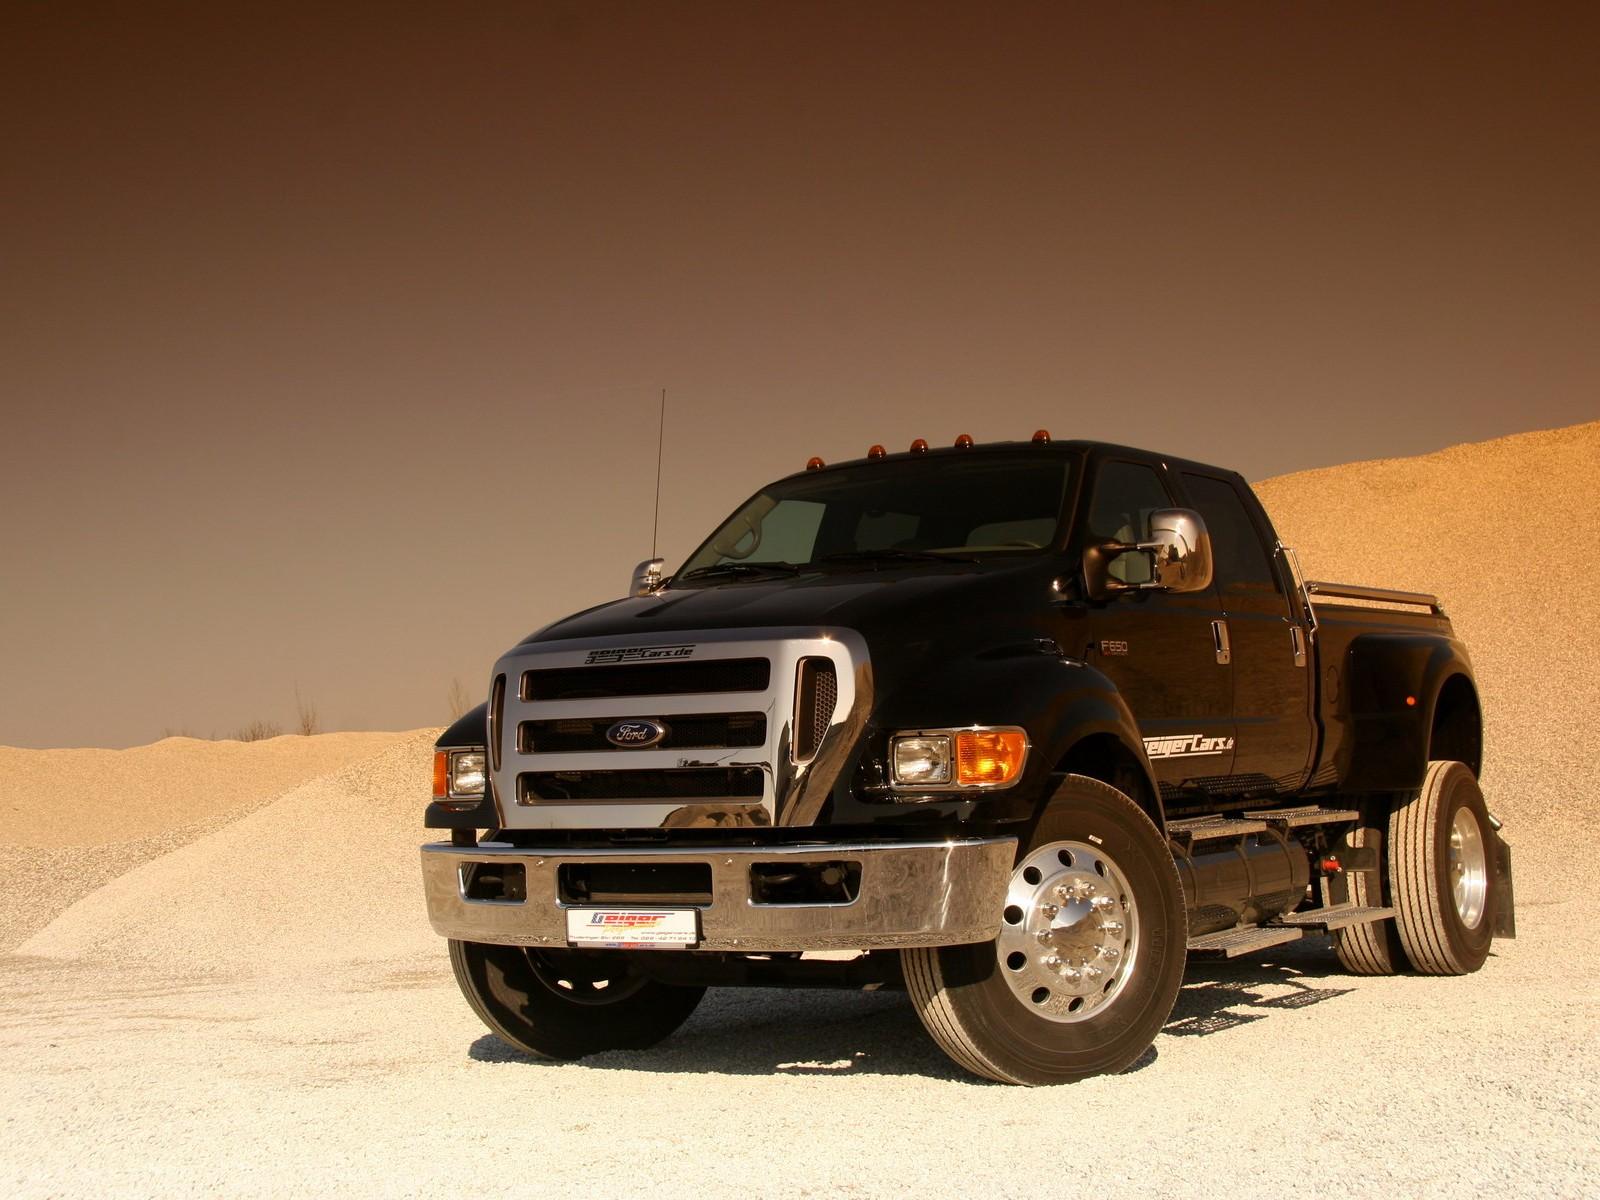 Ford Truck Wallpaper 1600x1200